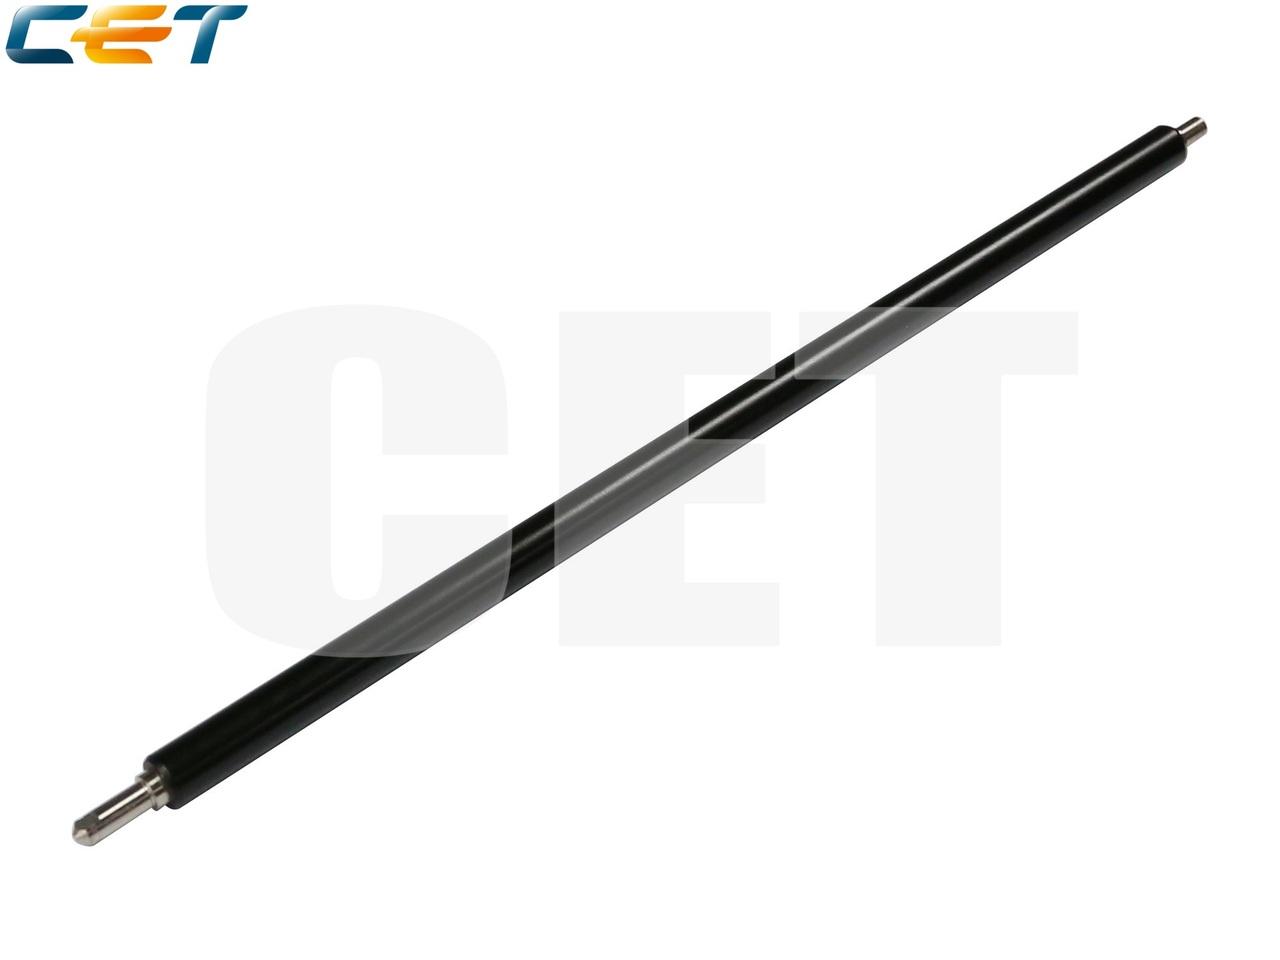 Ролик заряда D029-2052 для RICOH AficioMPC2800/MPC3300/MPC4000/MPC5000 (CET), CET6250